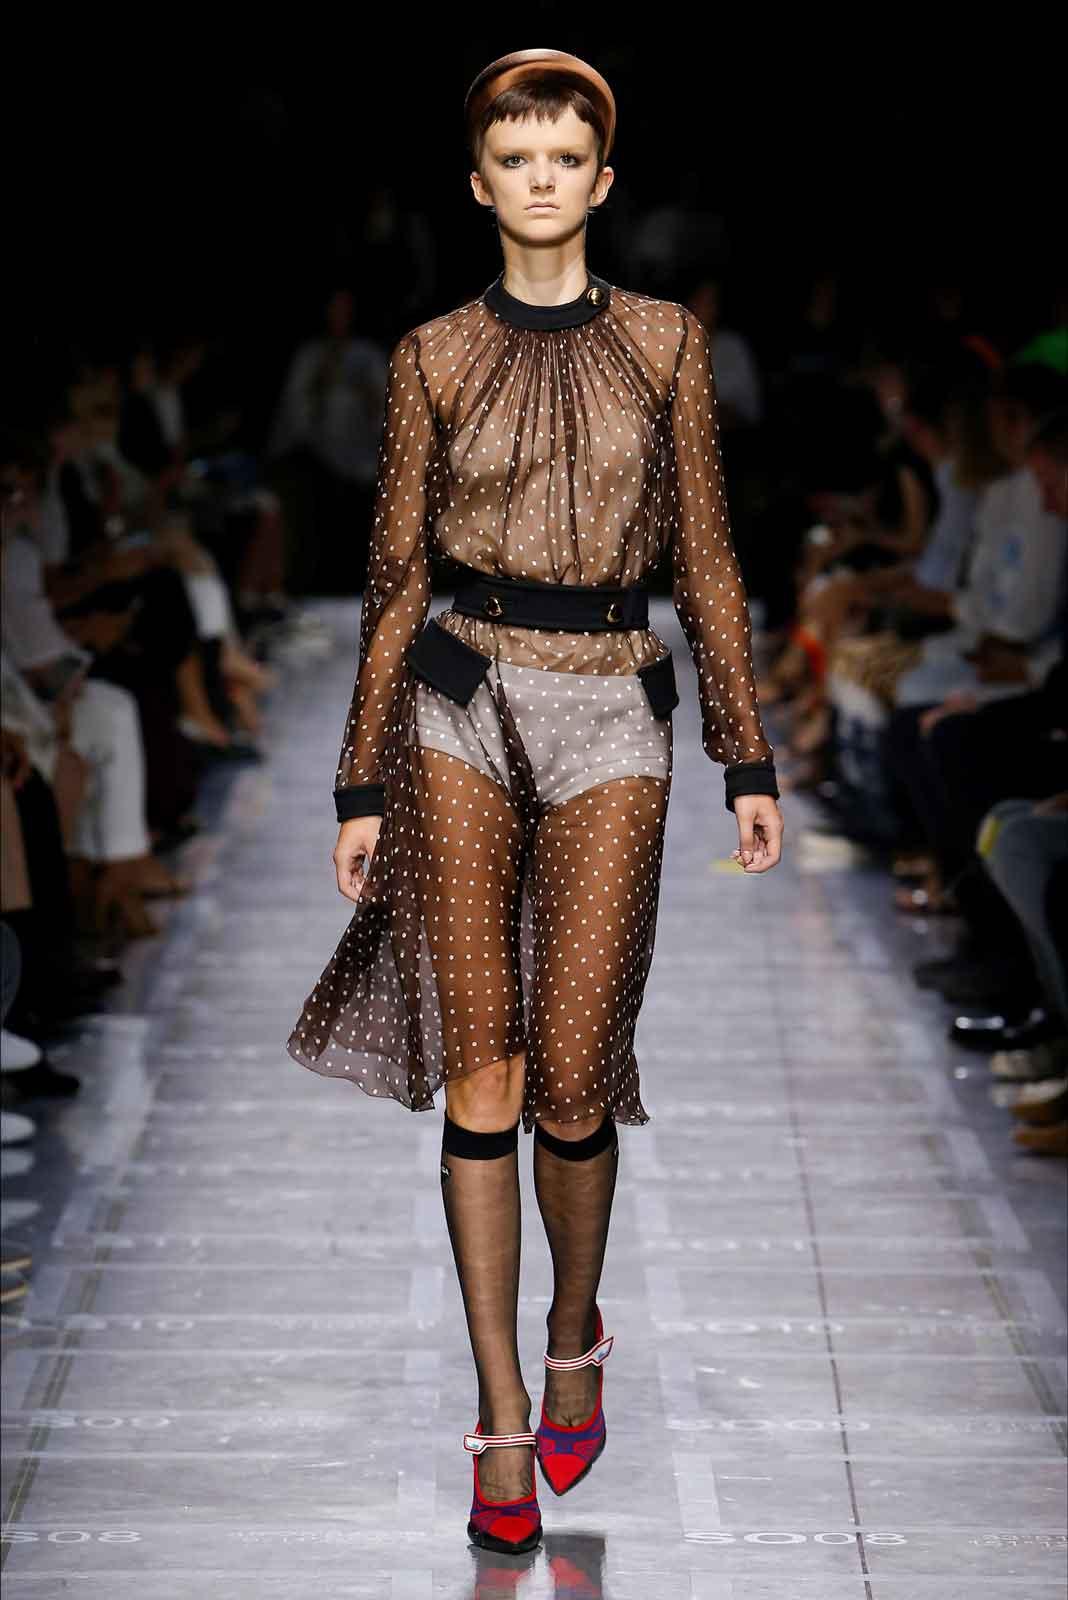 fe330d085595 E' un a collezione per giovani quella presentata da Miuccia Prada per la  primavera/estate 2019: le bluse di chiffon si portano sopra ai costumi da  bagno, ...